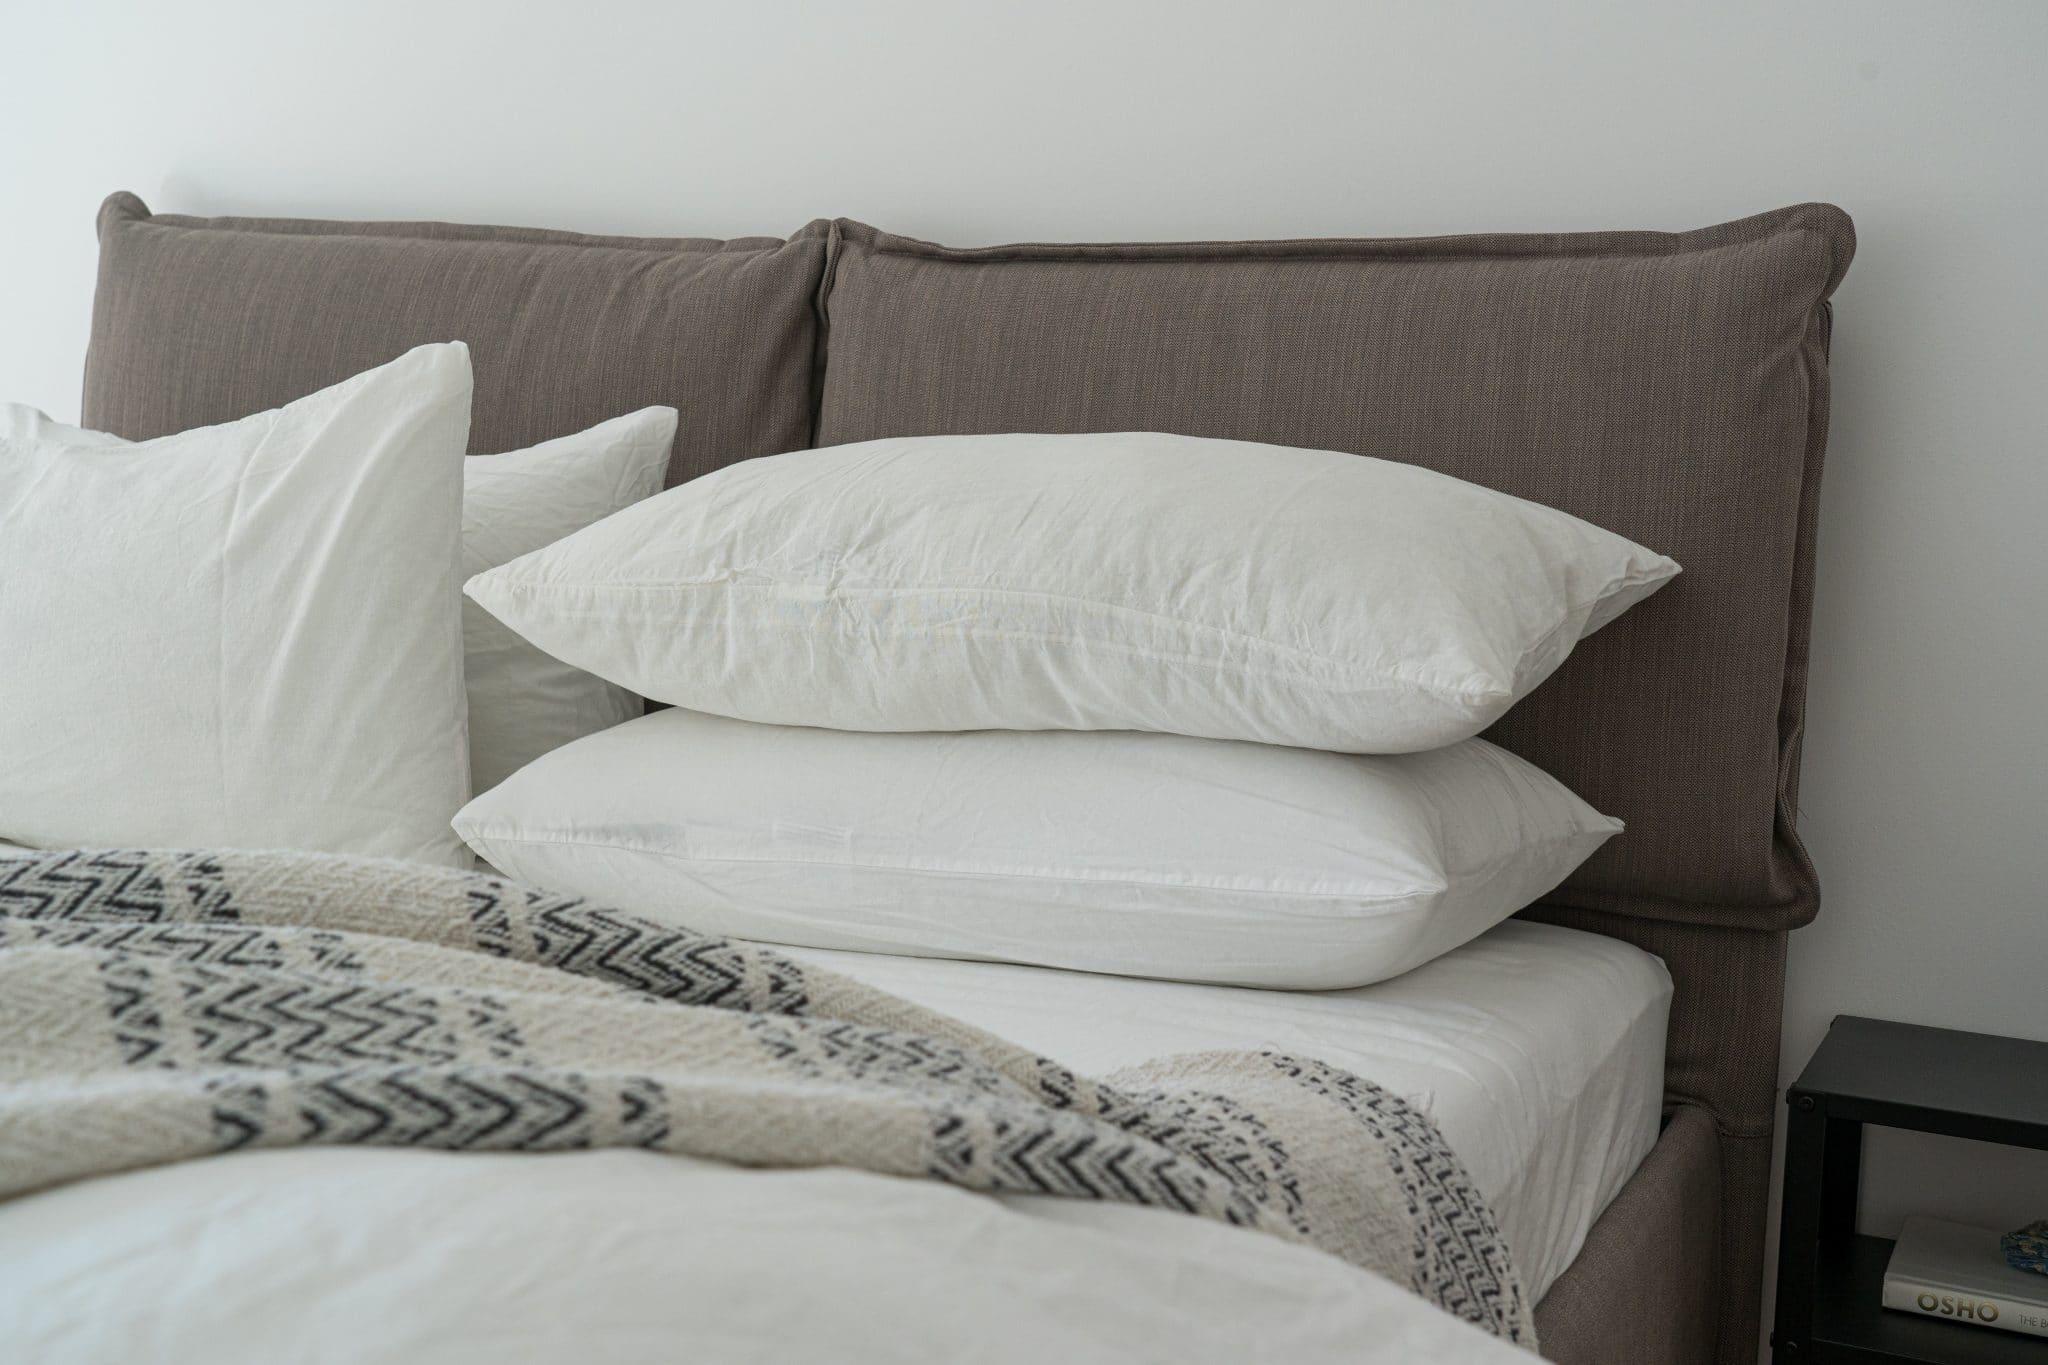 Conjunto de almofadas brancas em cama